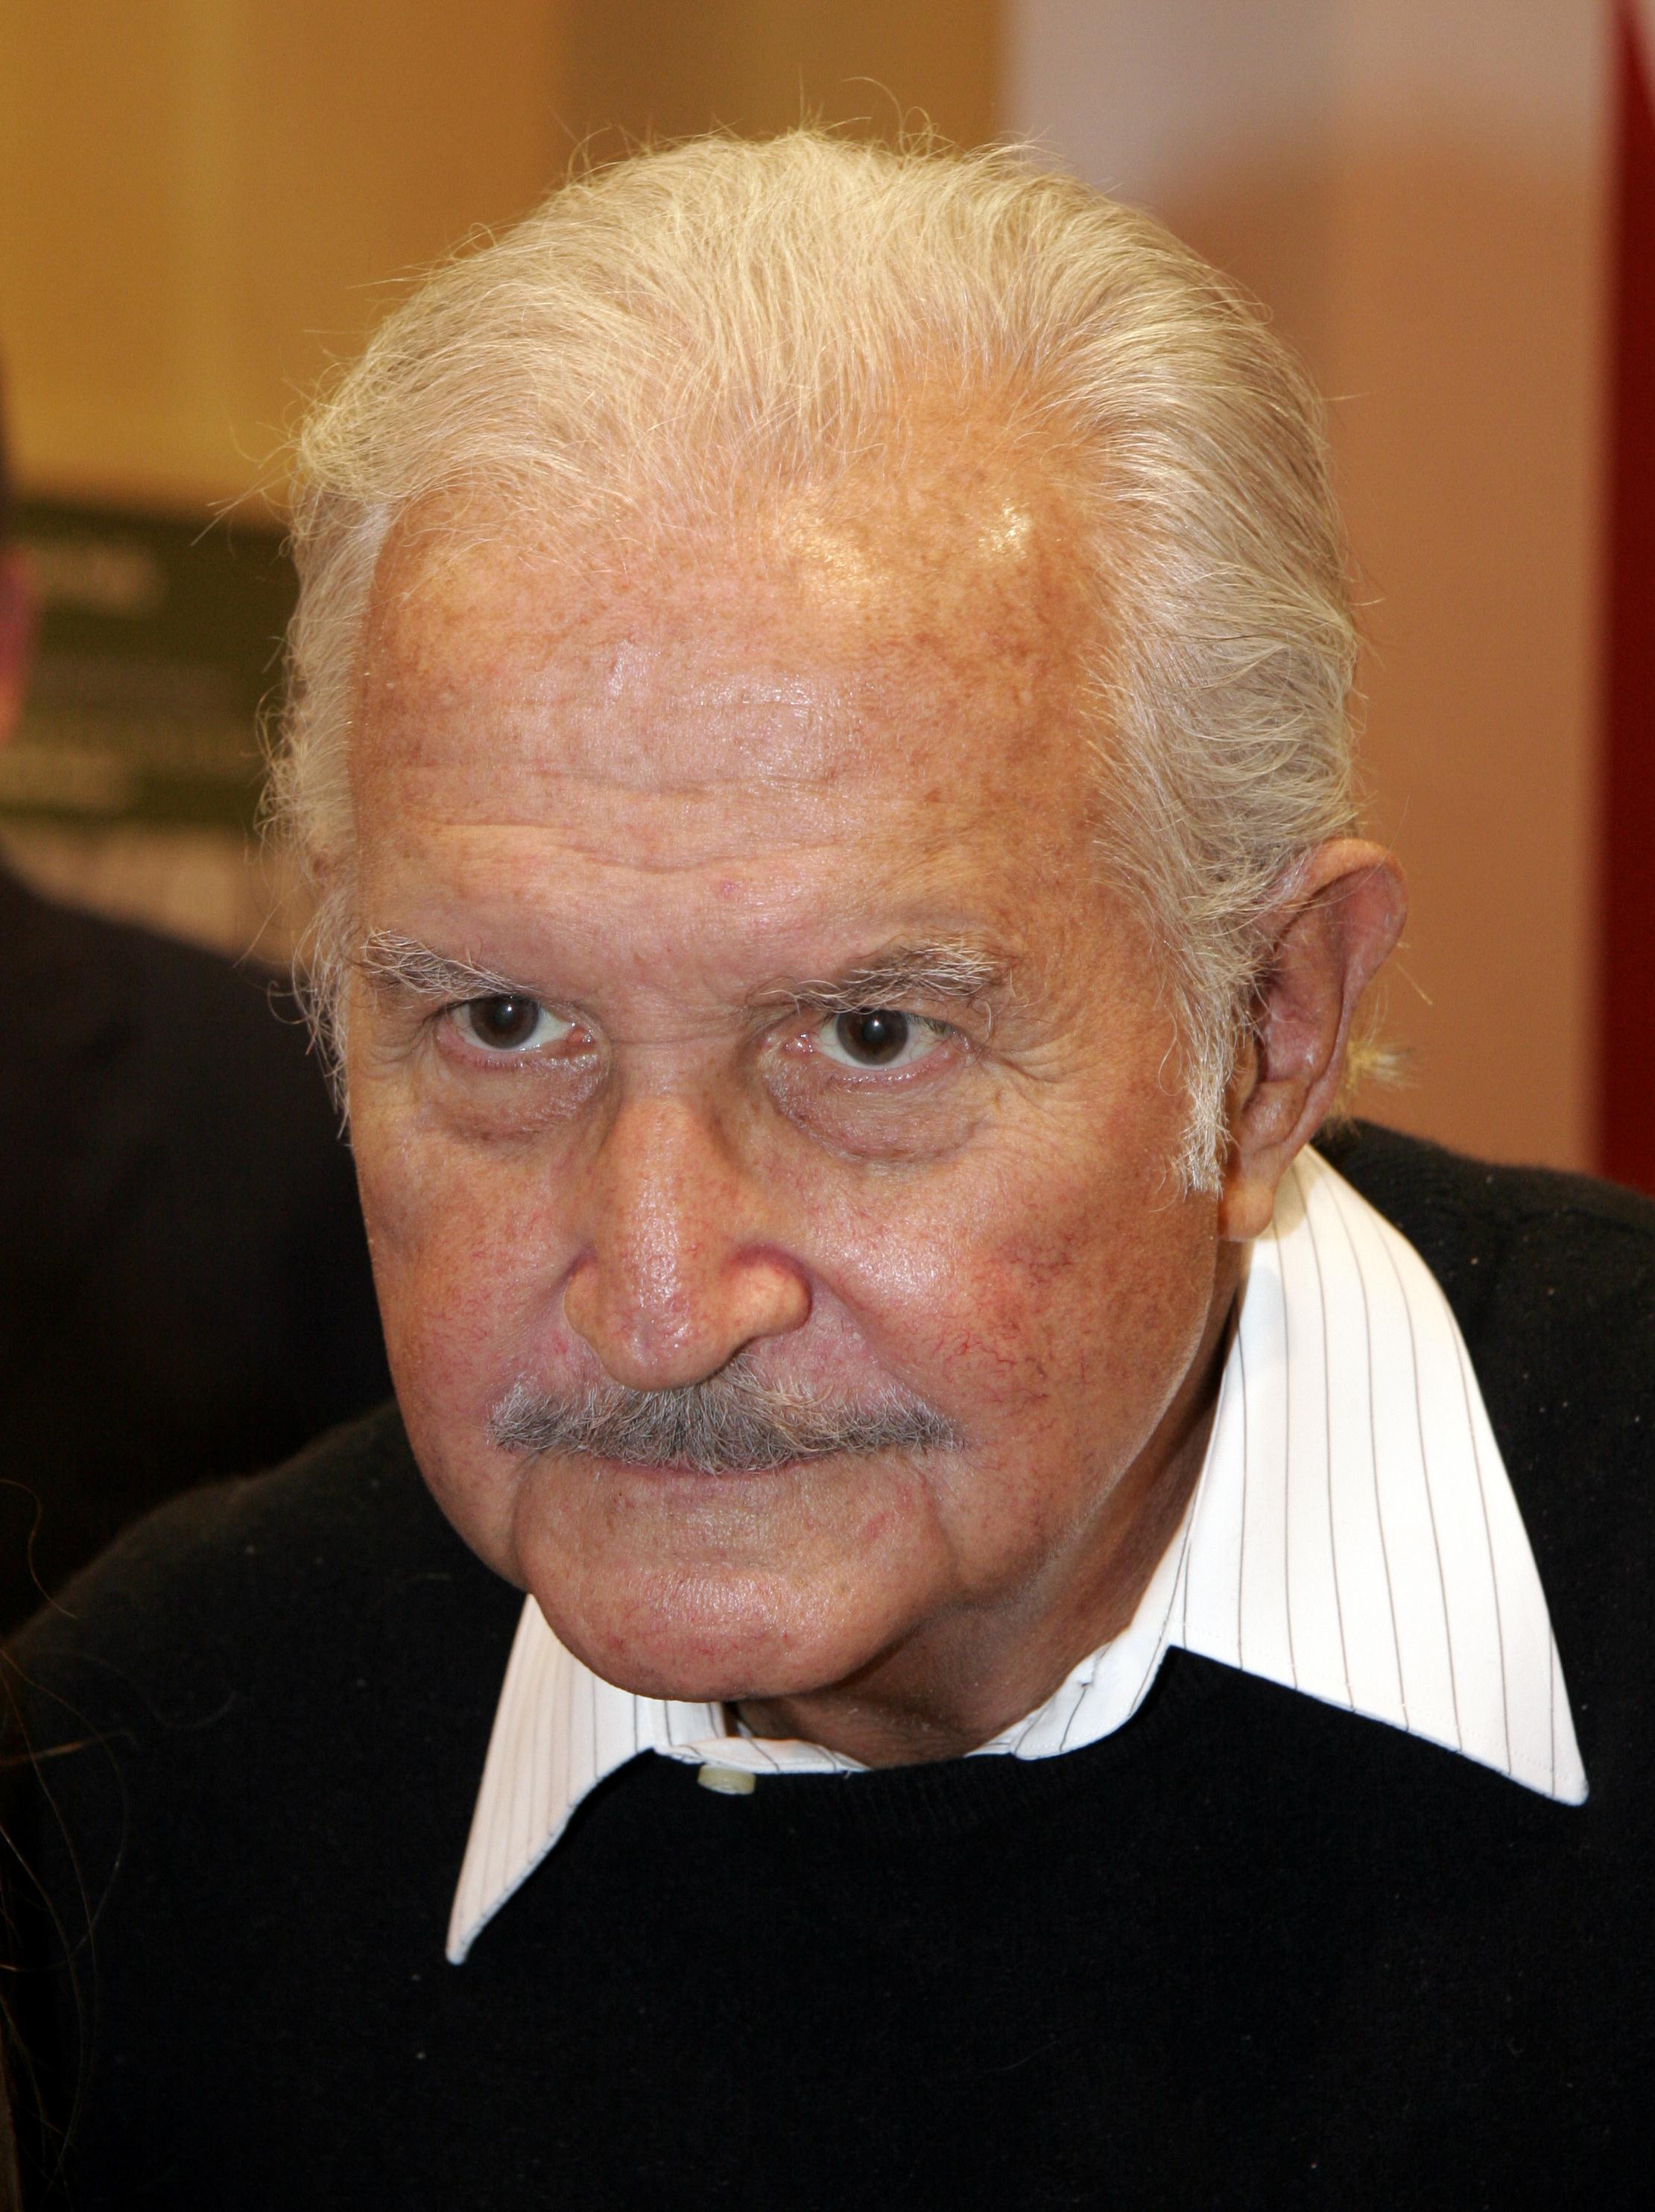 Veja o que saiu no Migalhas sobre Carlos Fuentes